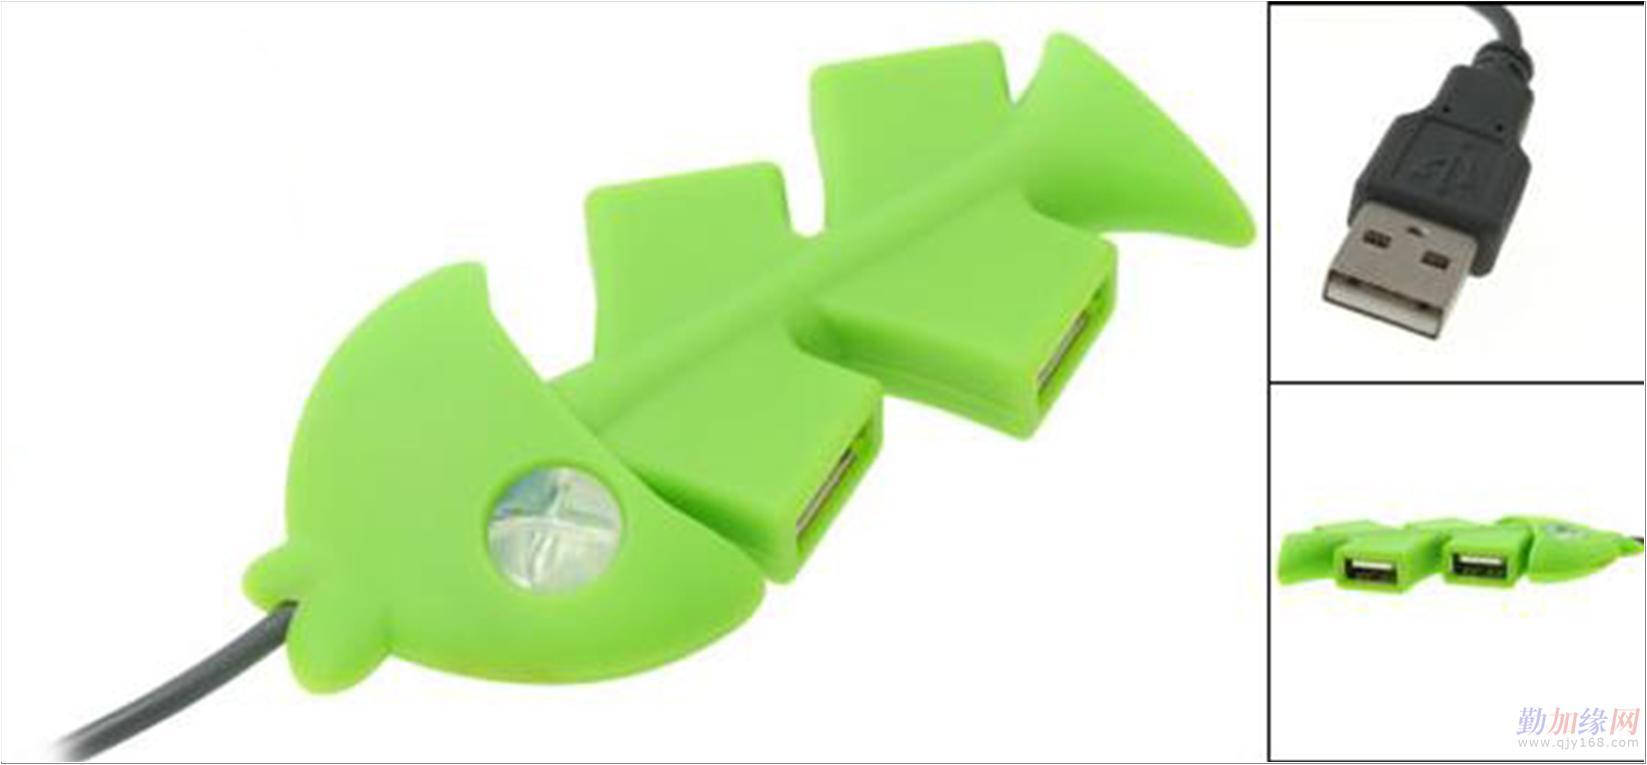 详细介绍 产品型号:mls-650 产品规格:绿色鱼骨4口usbhub 颜色:绿色